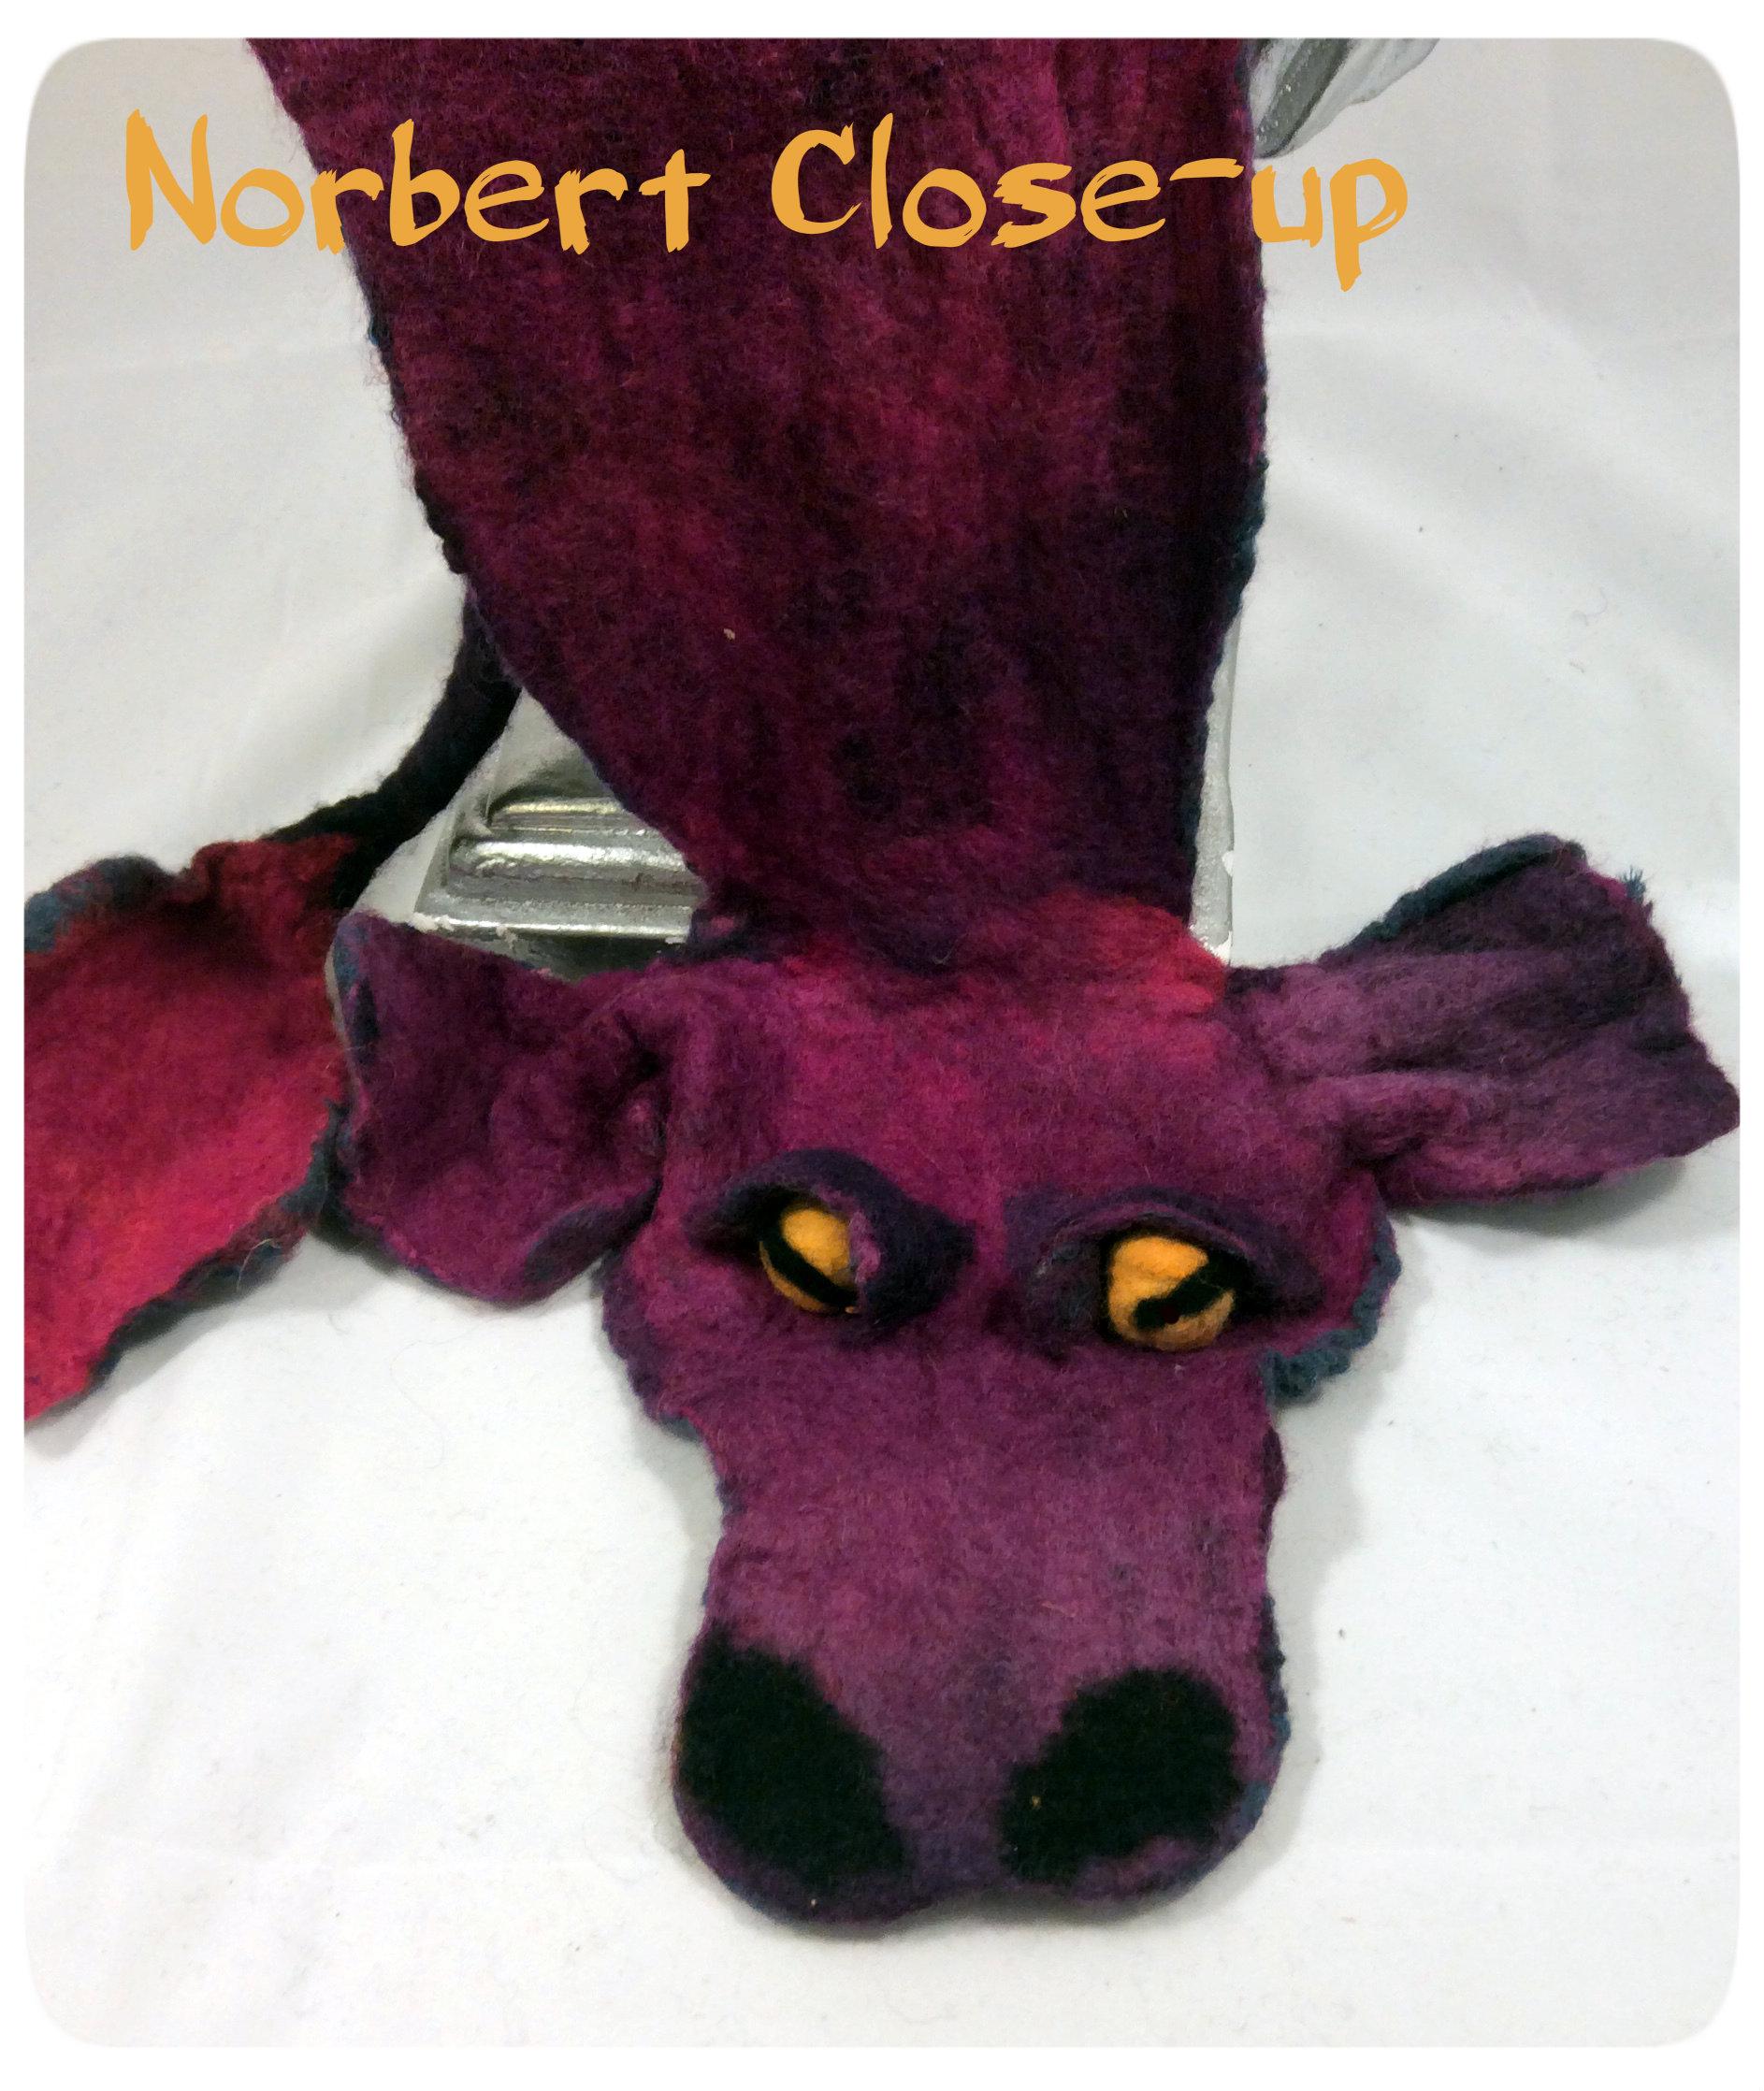 Norbert Close-up